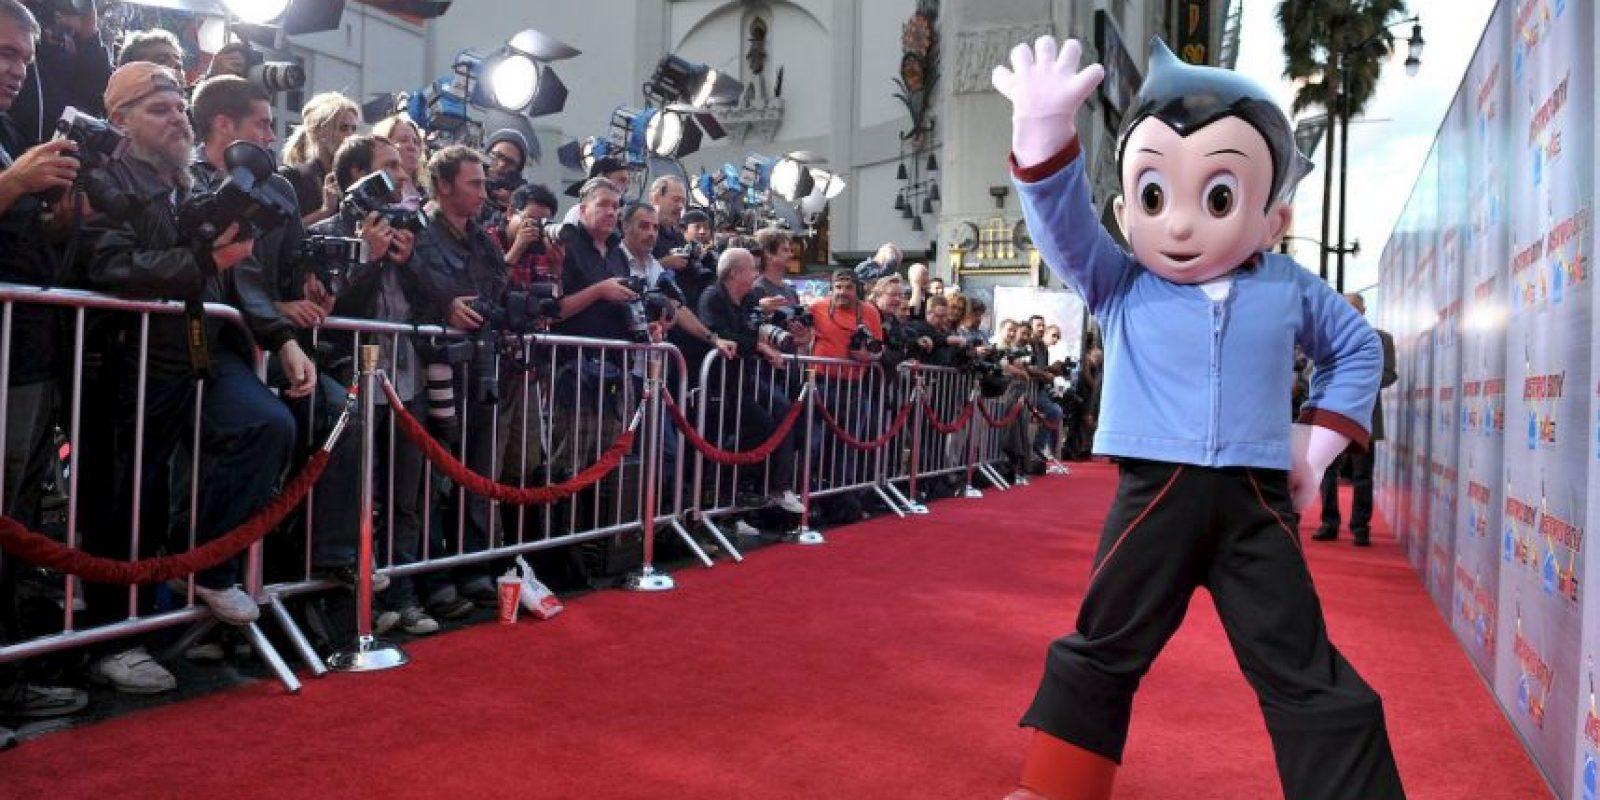 Astroboy a la fecha tiene 61 años de edad. Foto:Getty